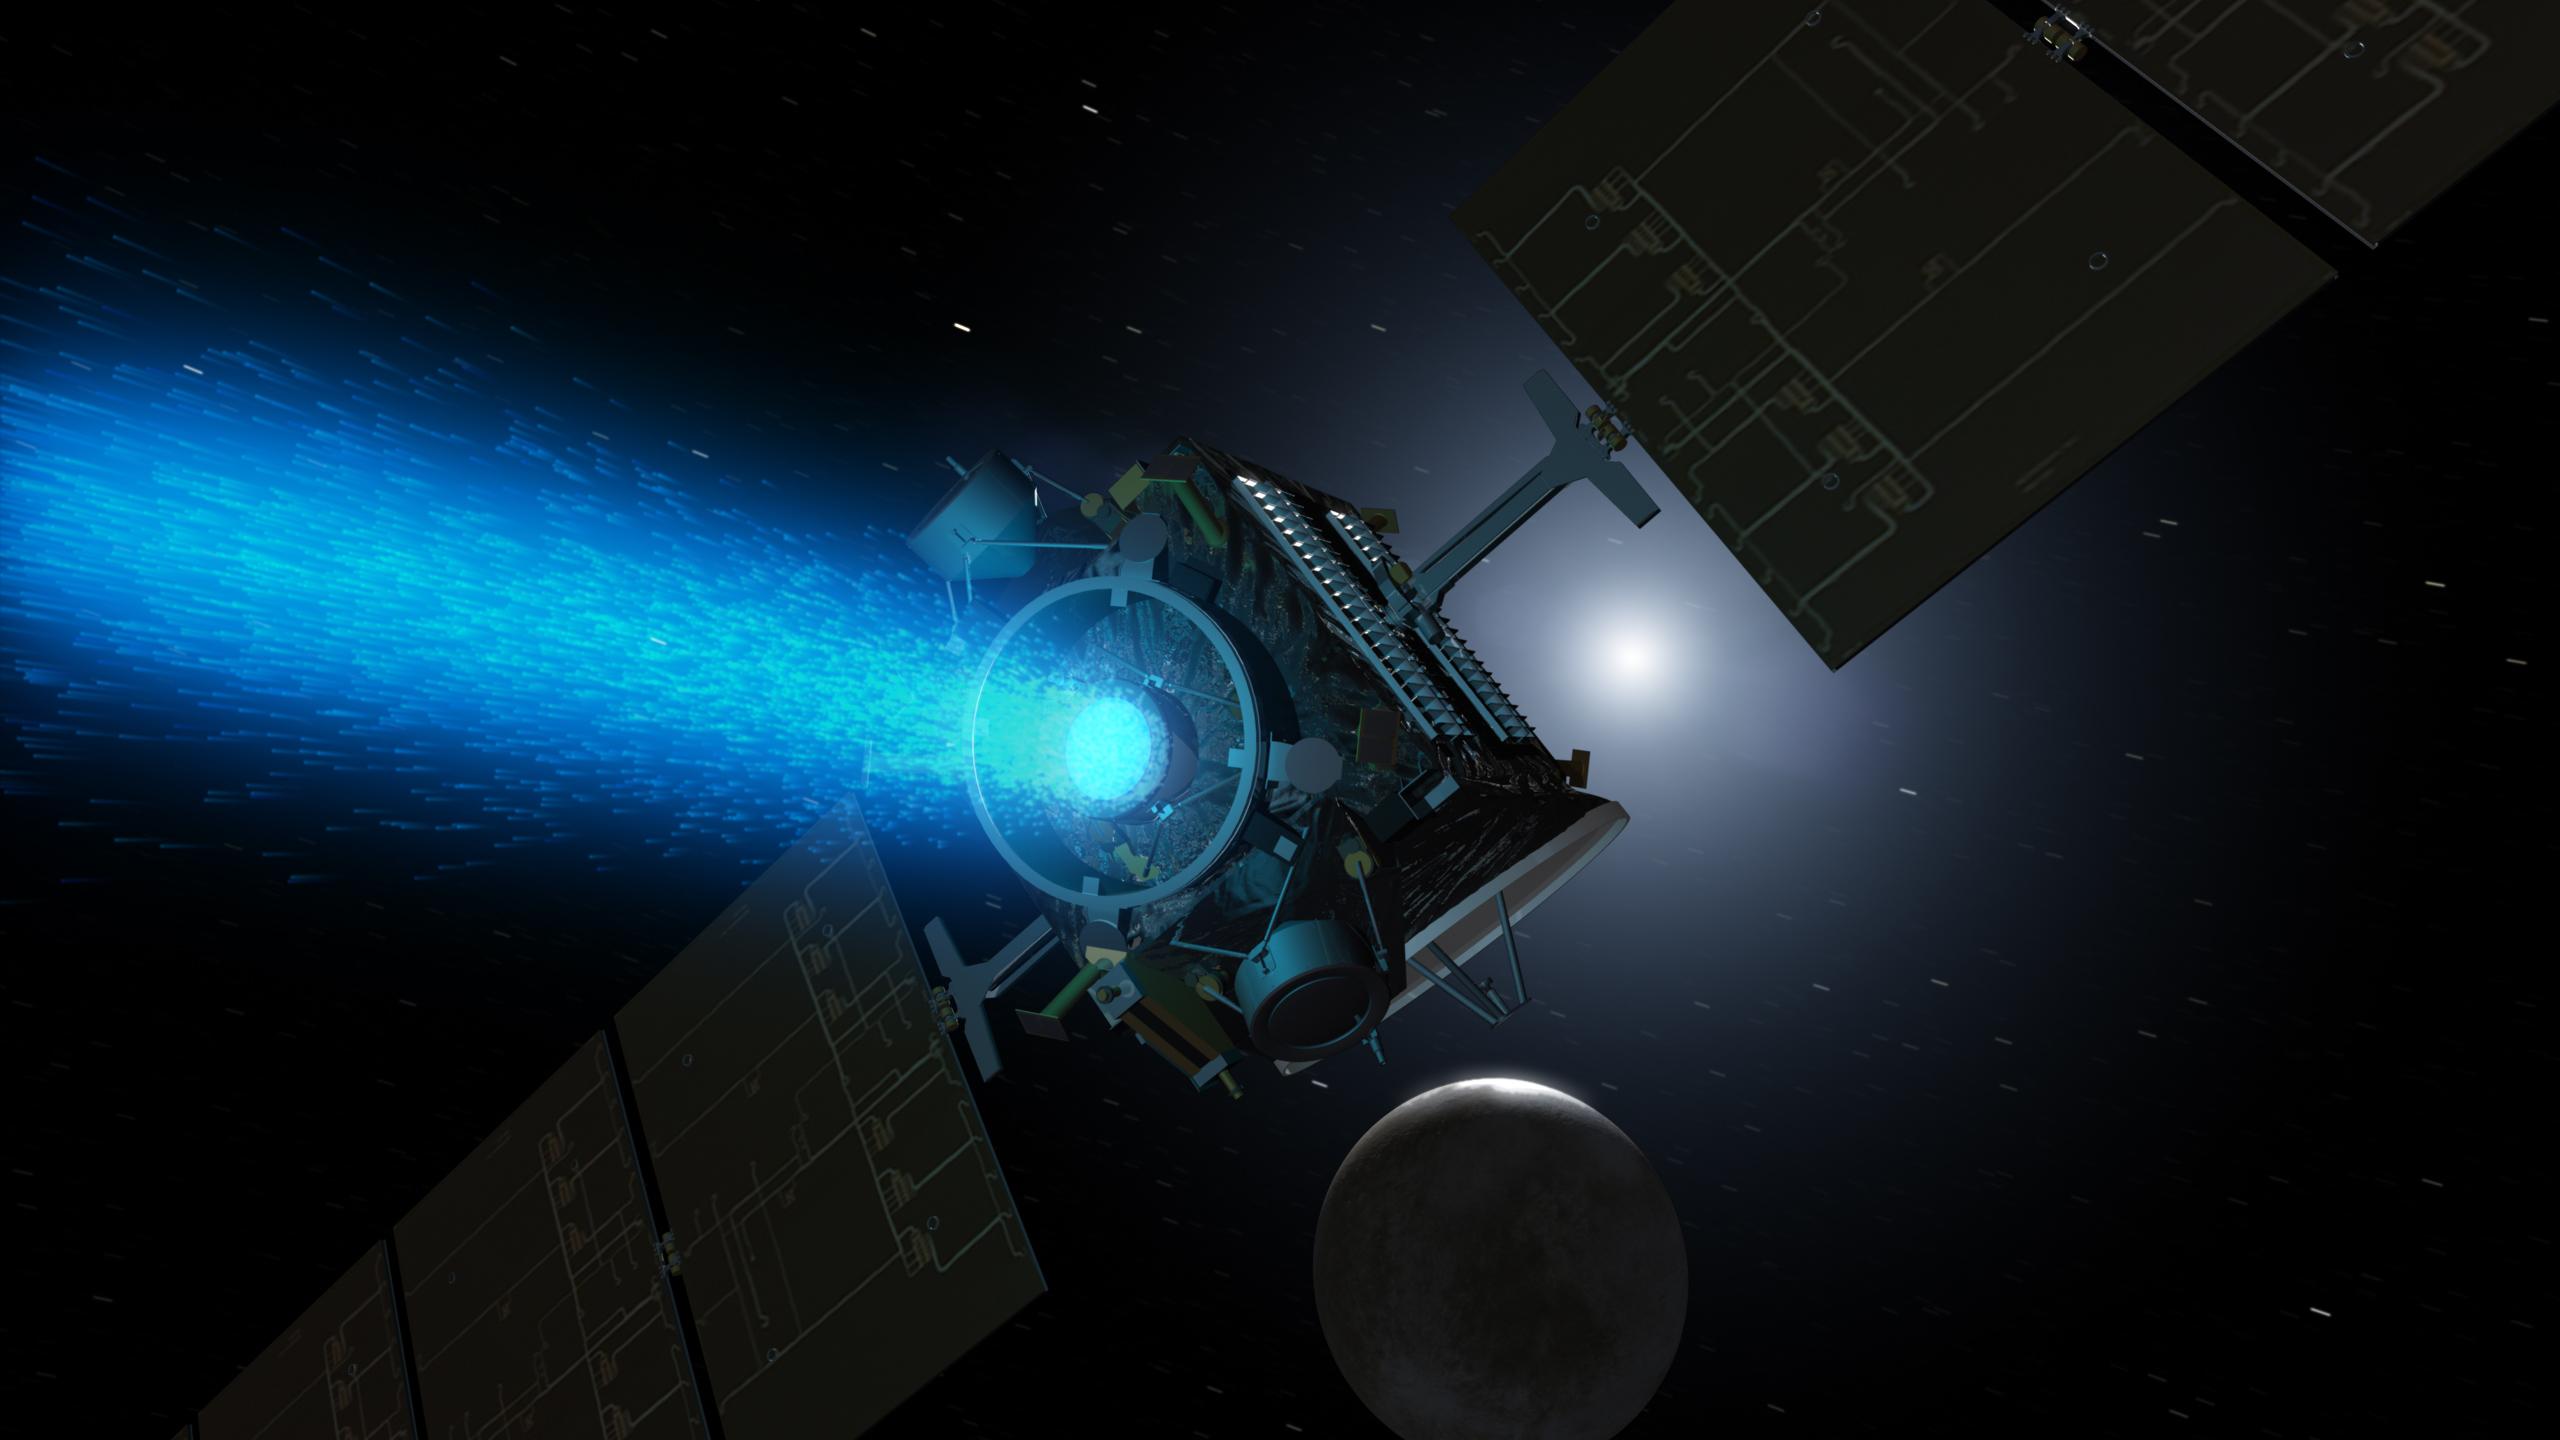 Gjate misionit te tij gati dhjetevjecar, misioni Dawn ka studiuar asteroidin Vesta dhe po studion planetin xhuxh Ceres, trupa qiellore qe besohet se kane kane te dhena per historine e hershme te sistemit diellor.